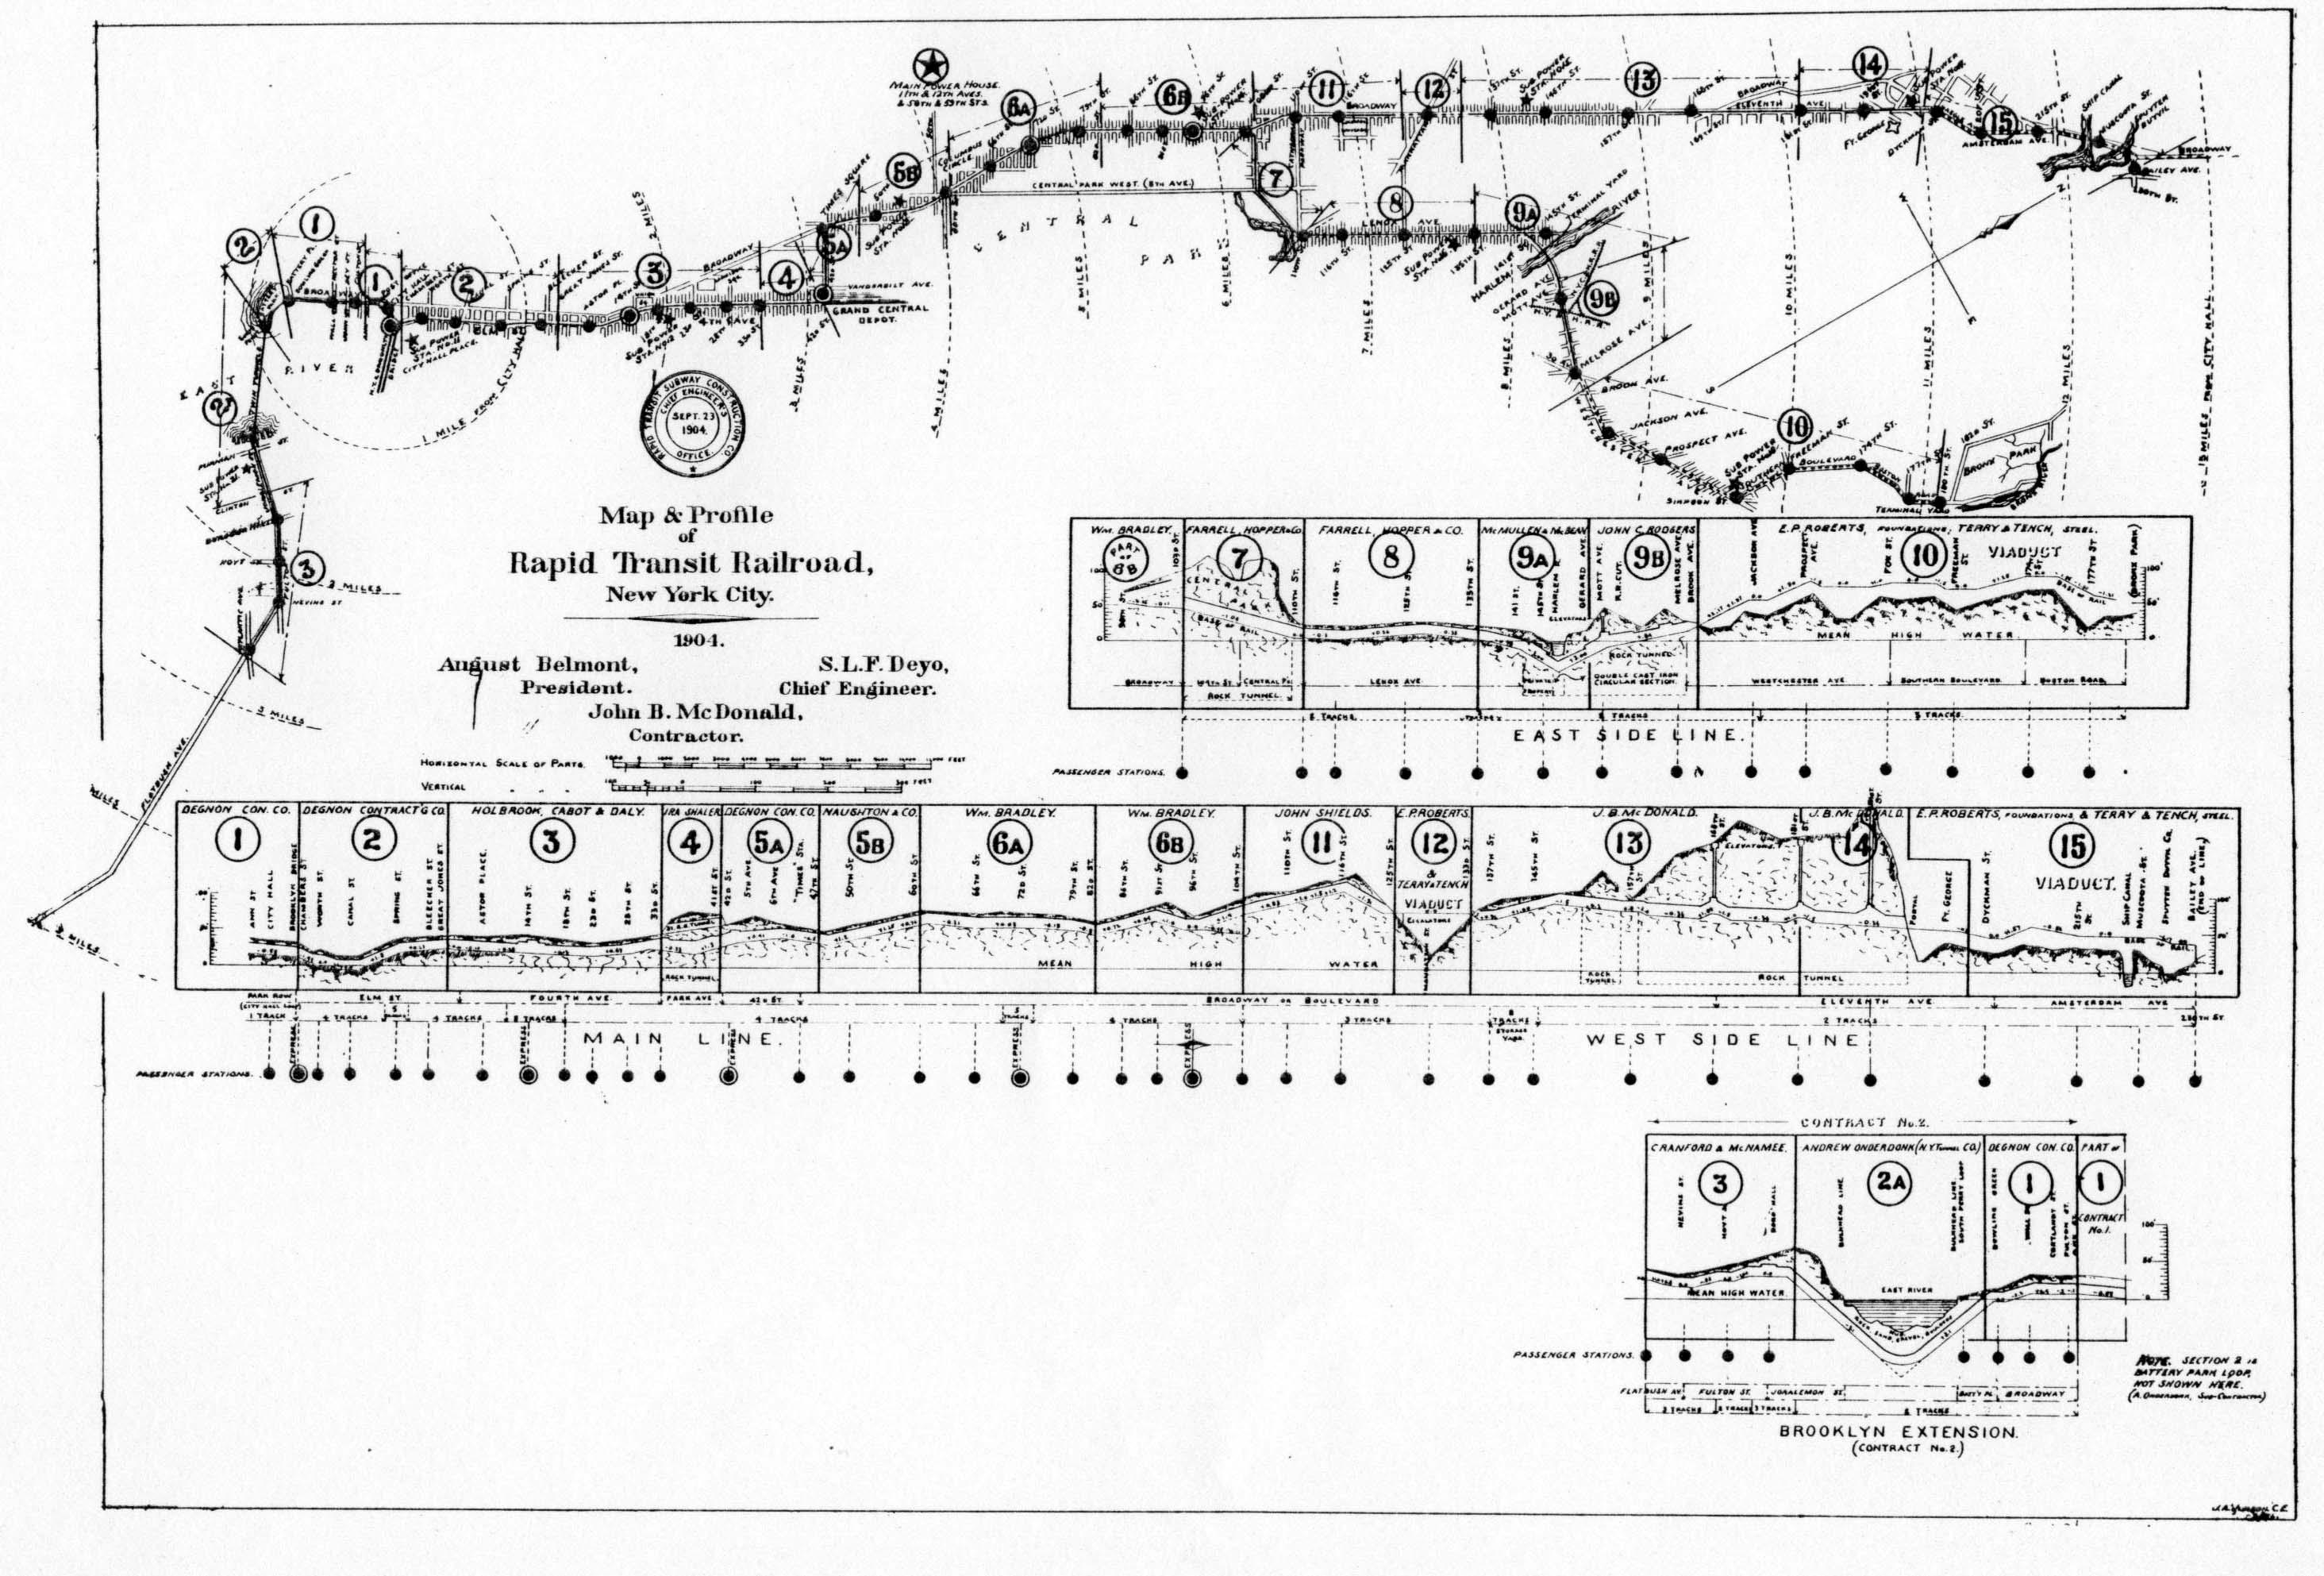 Nj Transit Map Subway | Wiring Diagram Database